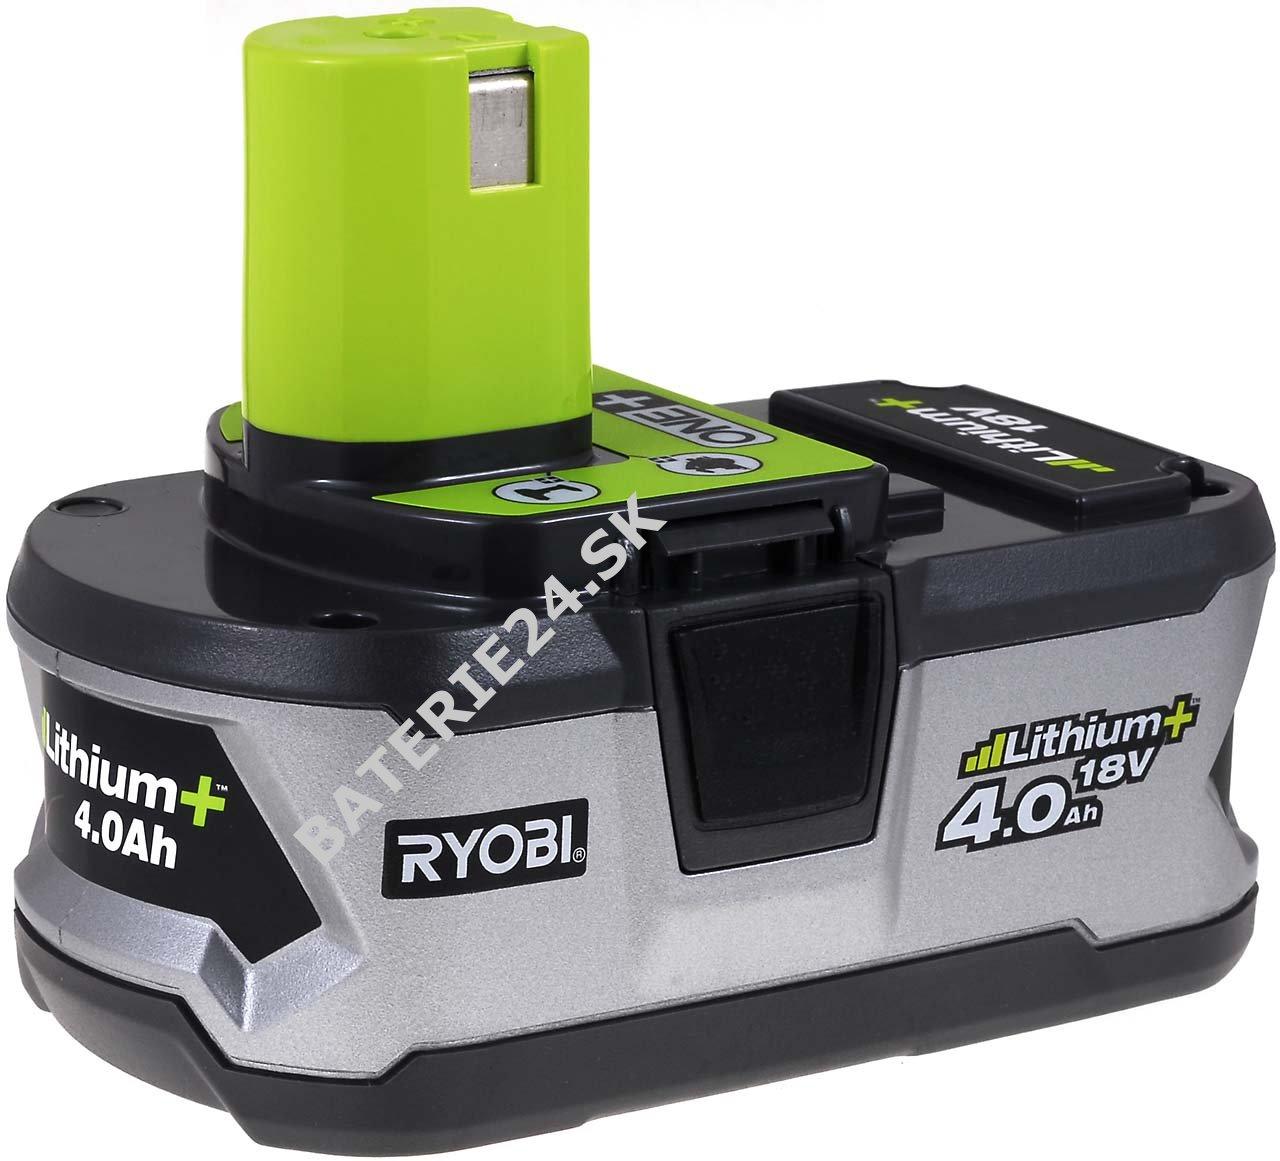 batéria pre ryobi skrutkovač p230 | baterie24.sk